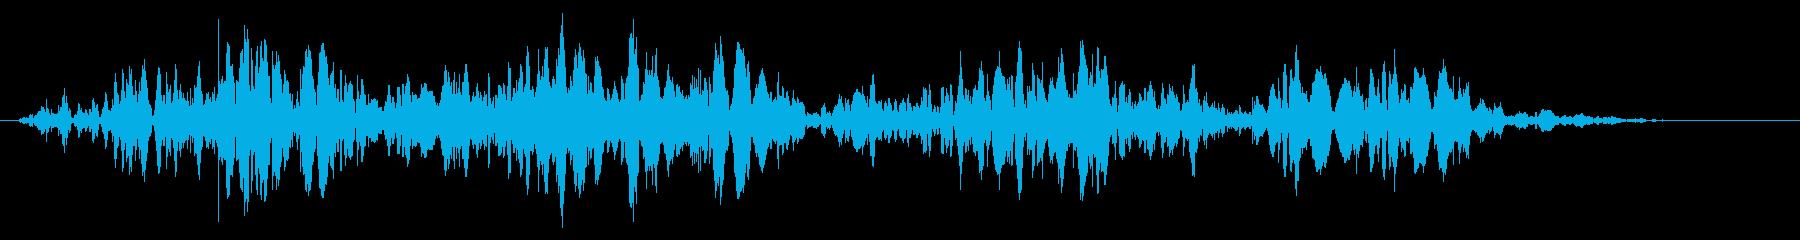 スライムなどが蠢く音タイプC#1の再生済みの波形